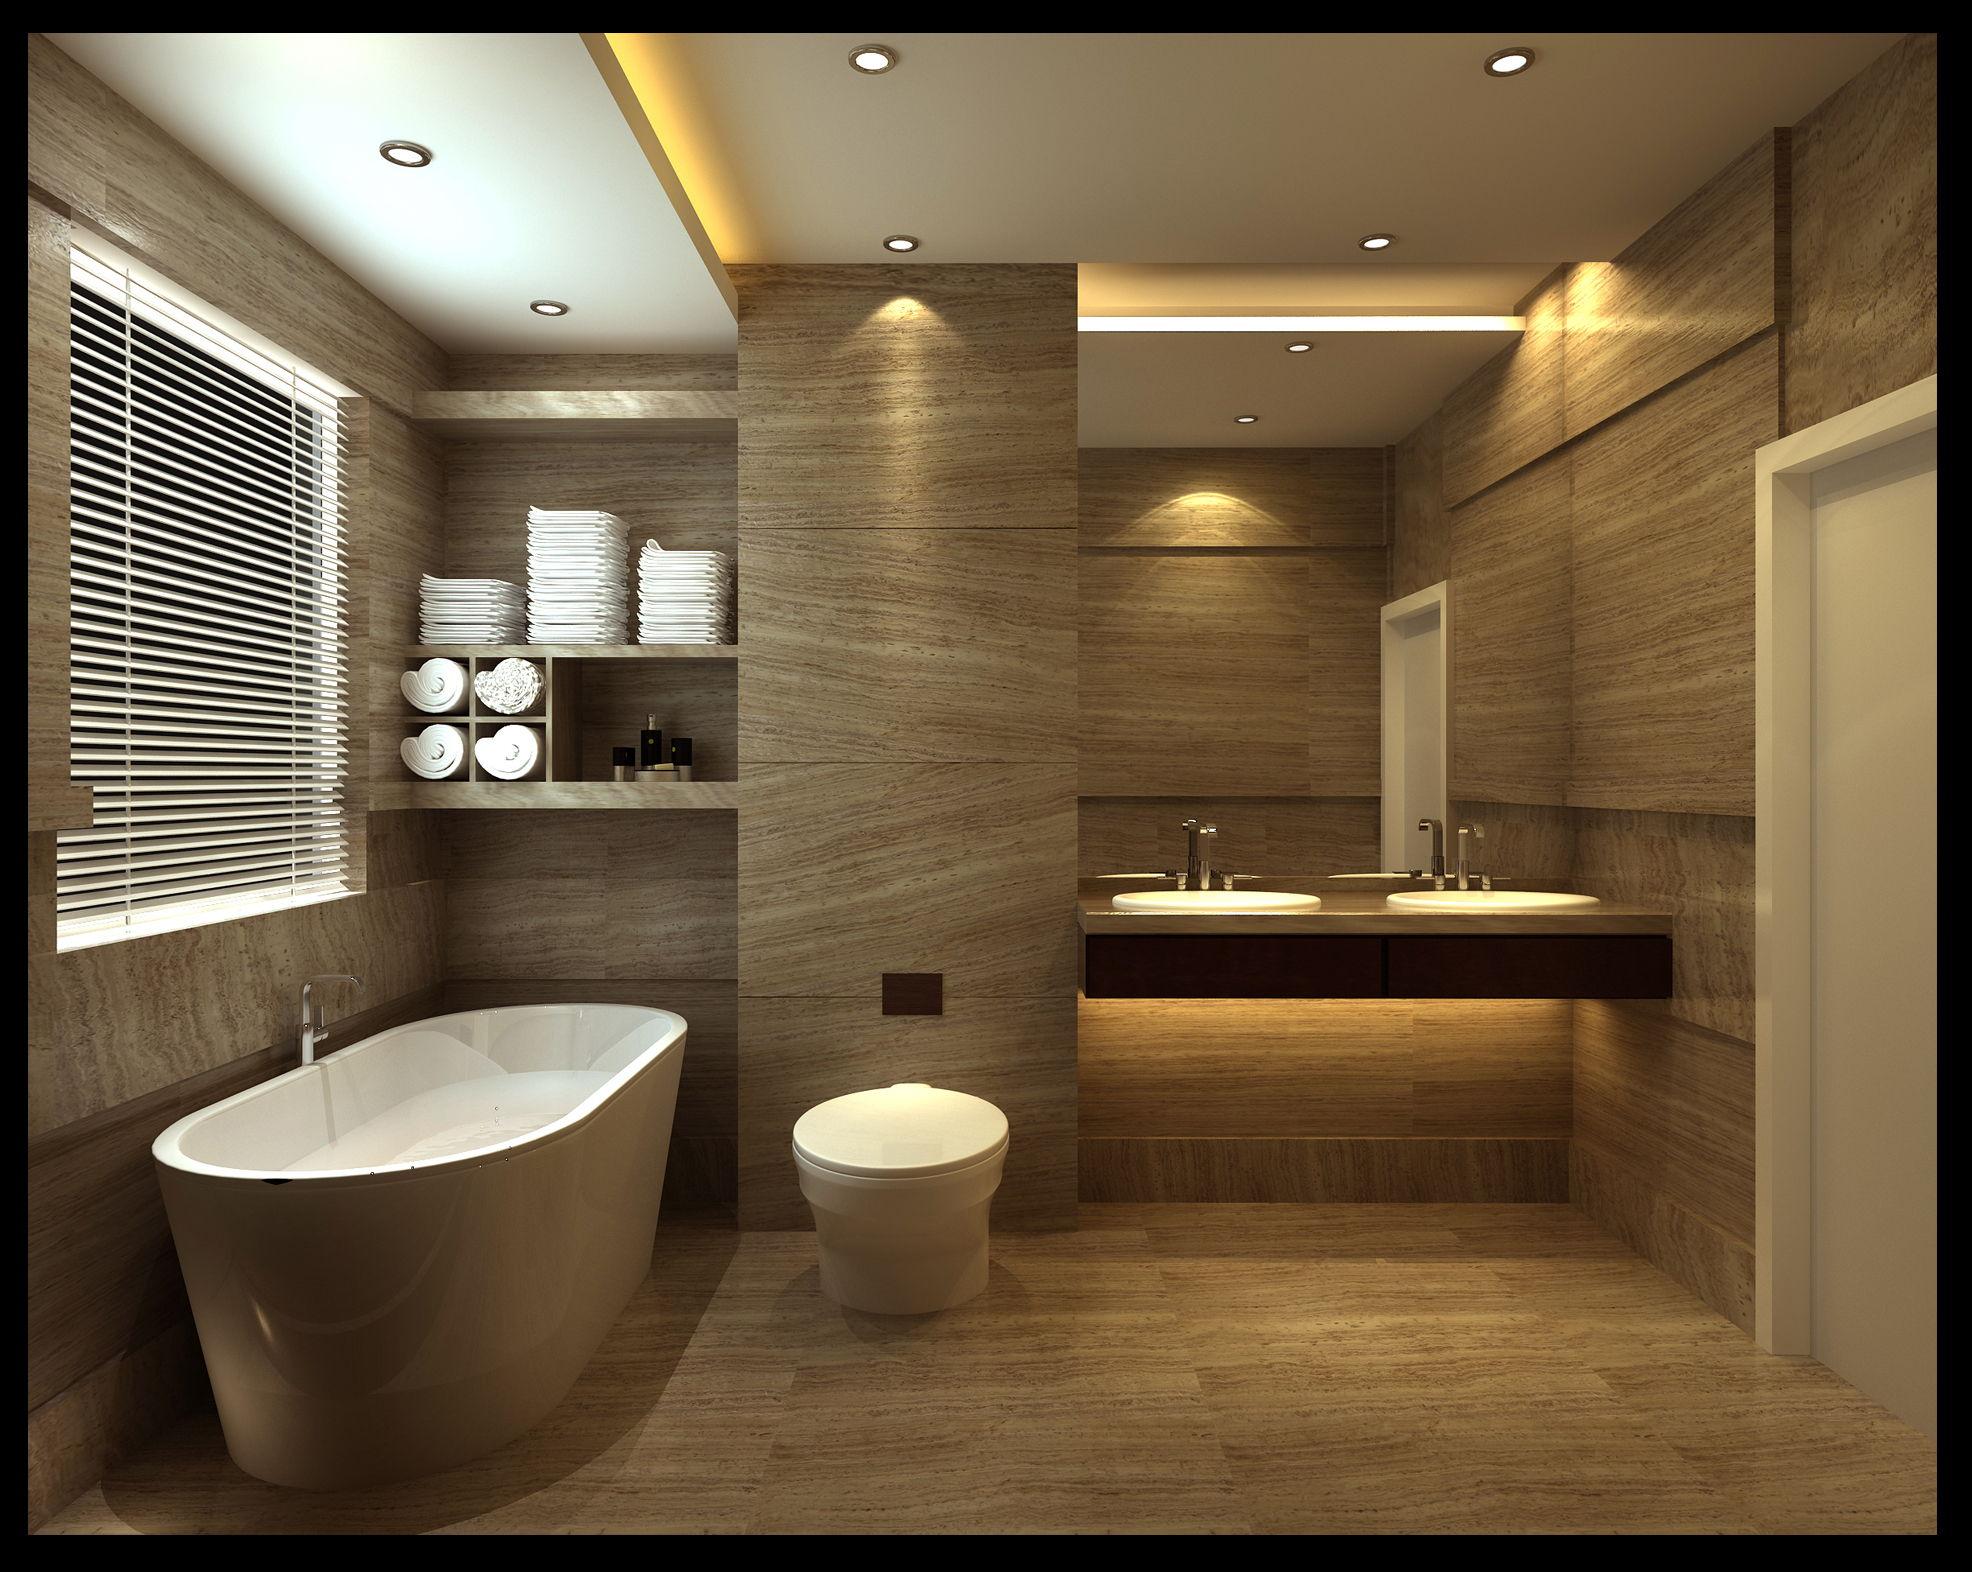 bathroom design ideas - HD1200×957